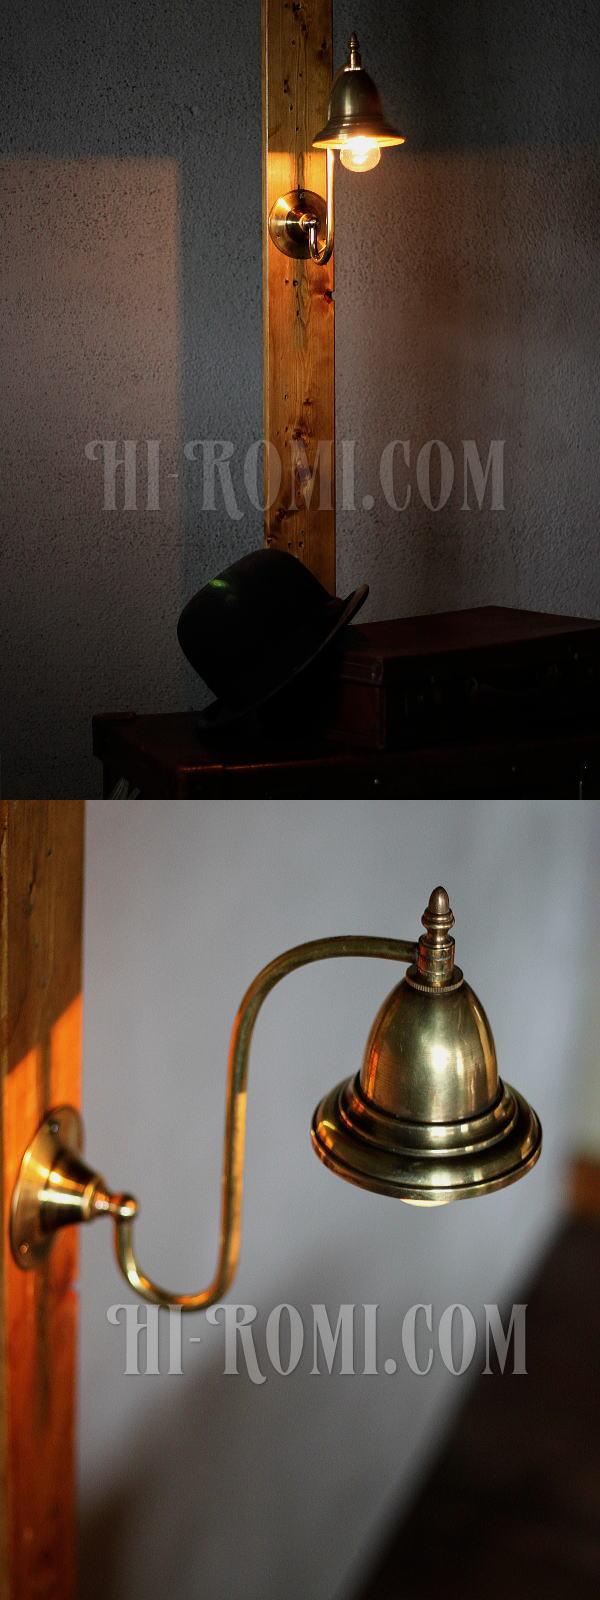 ヴィンテージ工業系真鍮製ベル型シェード付き湾曲アームブラケット/インダストリアルウォールランプ壁面照明